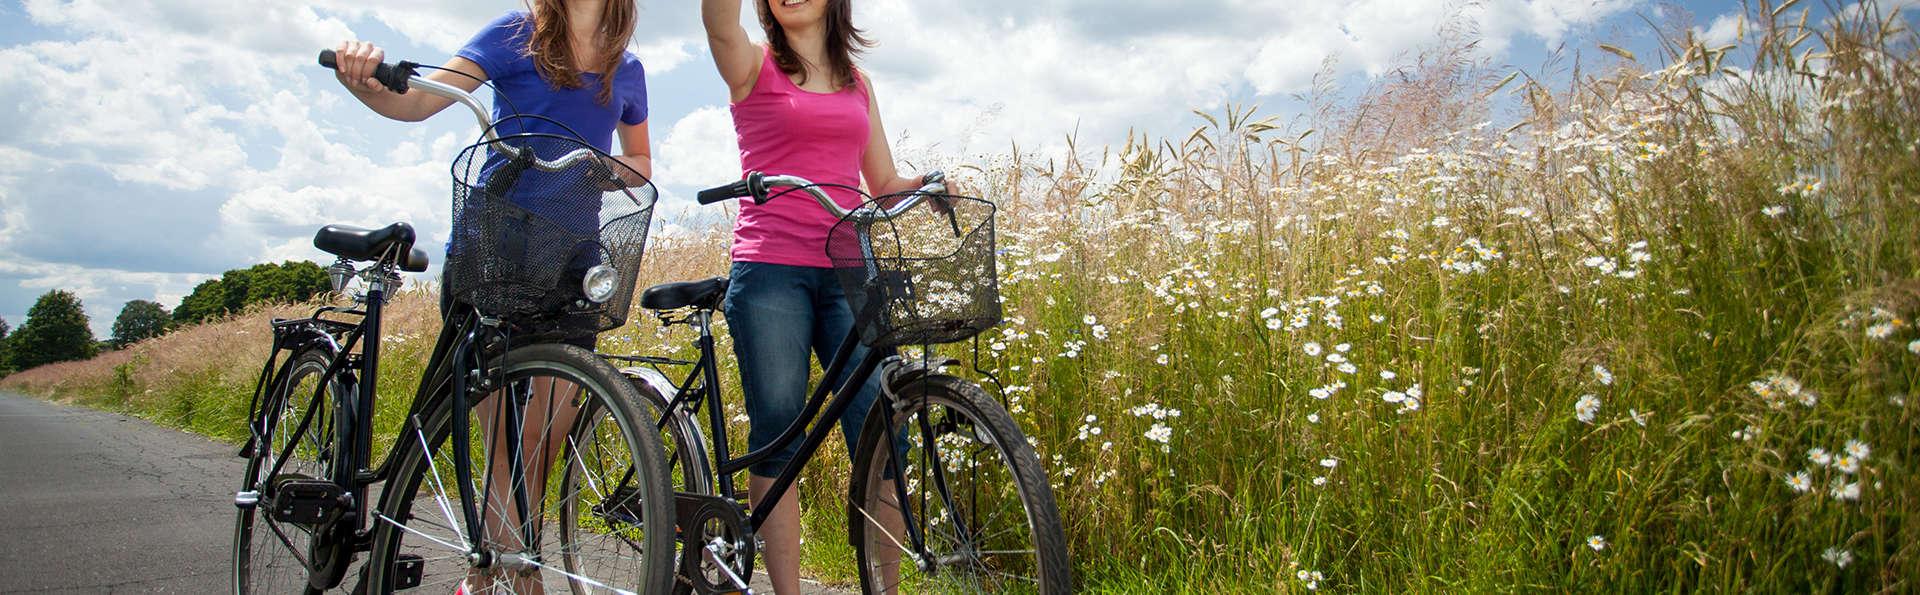 Vélo et détente à deux à Courtrai